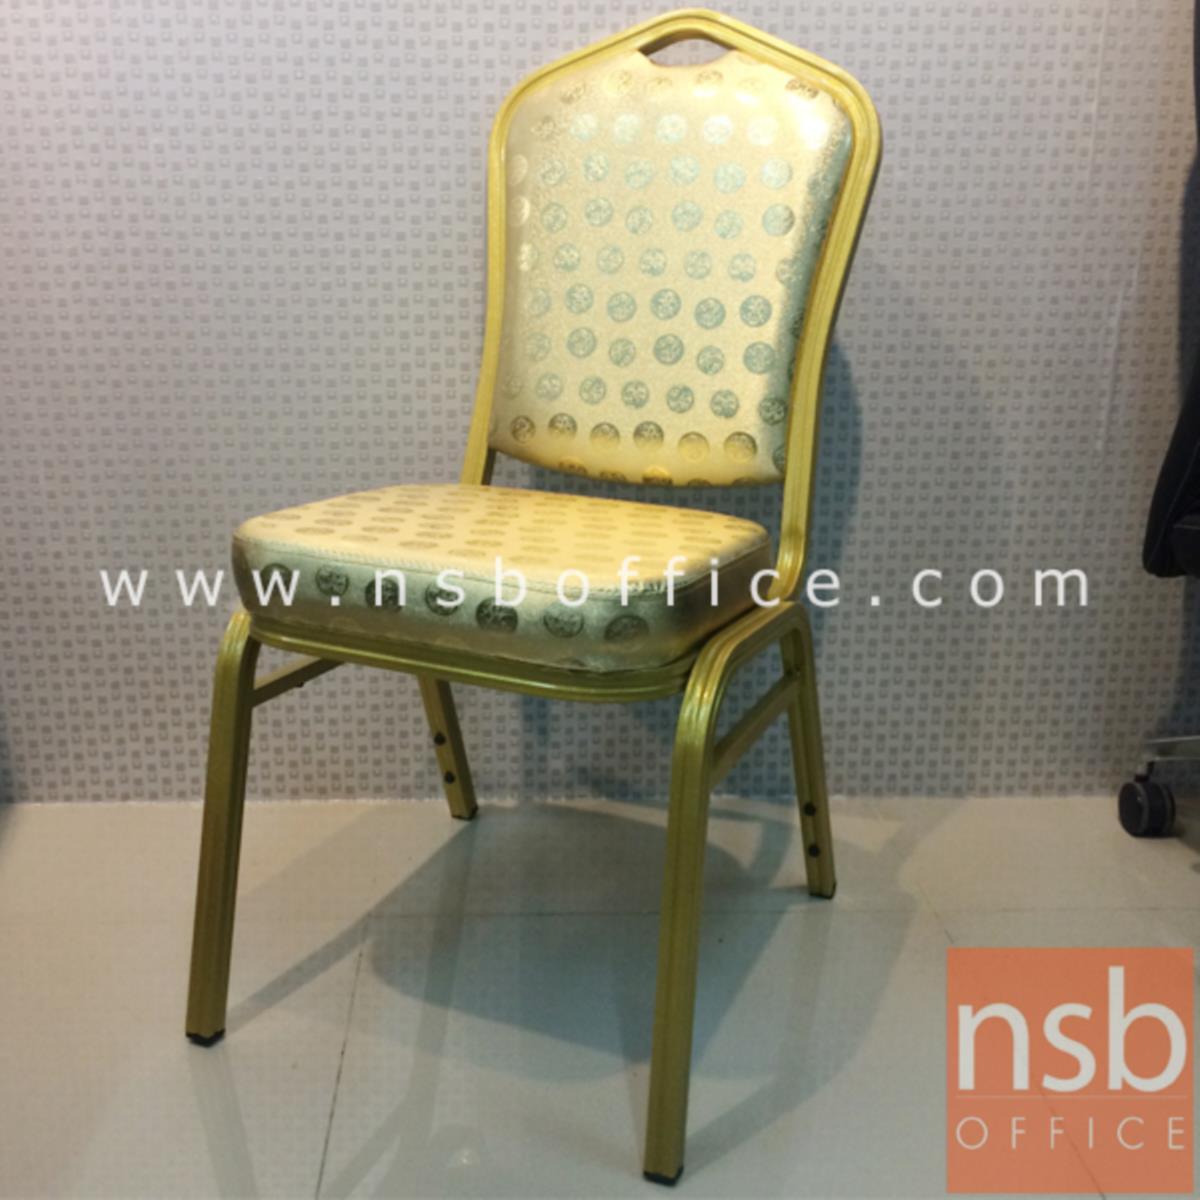 เก้าอี้อเนกประสงค์จัดเลี้ยงทรงหลุยส์  ขนาด 95H cm.  ขาเหล็กพ่นสีทอง